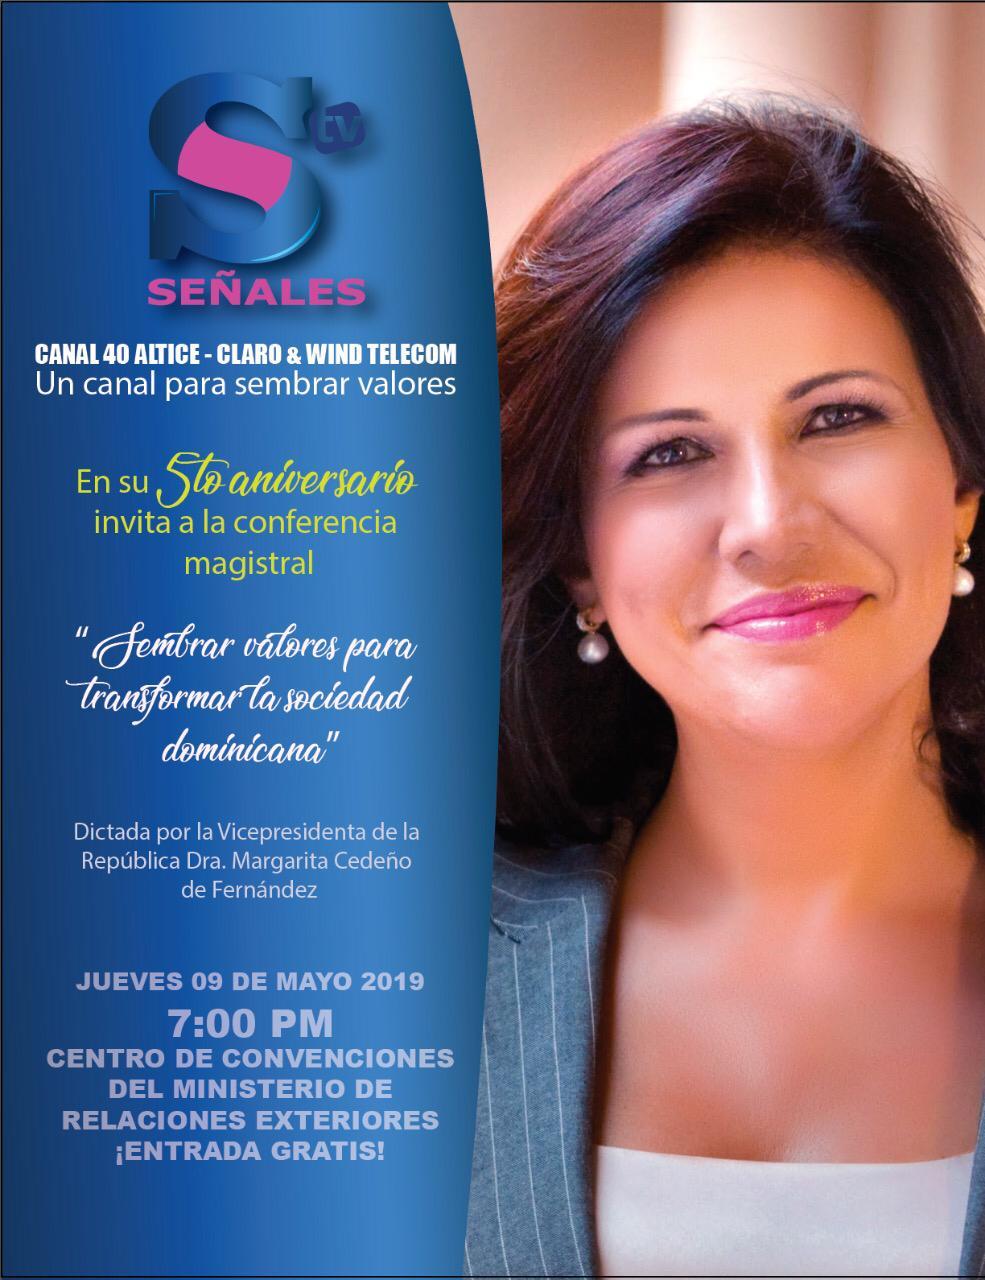 Vice Margarita Cedeño dictará conferencia sobre valores en aniversario de Señales TV, de Euri Cabral y Zinayda Rodríguez